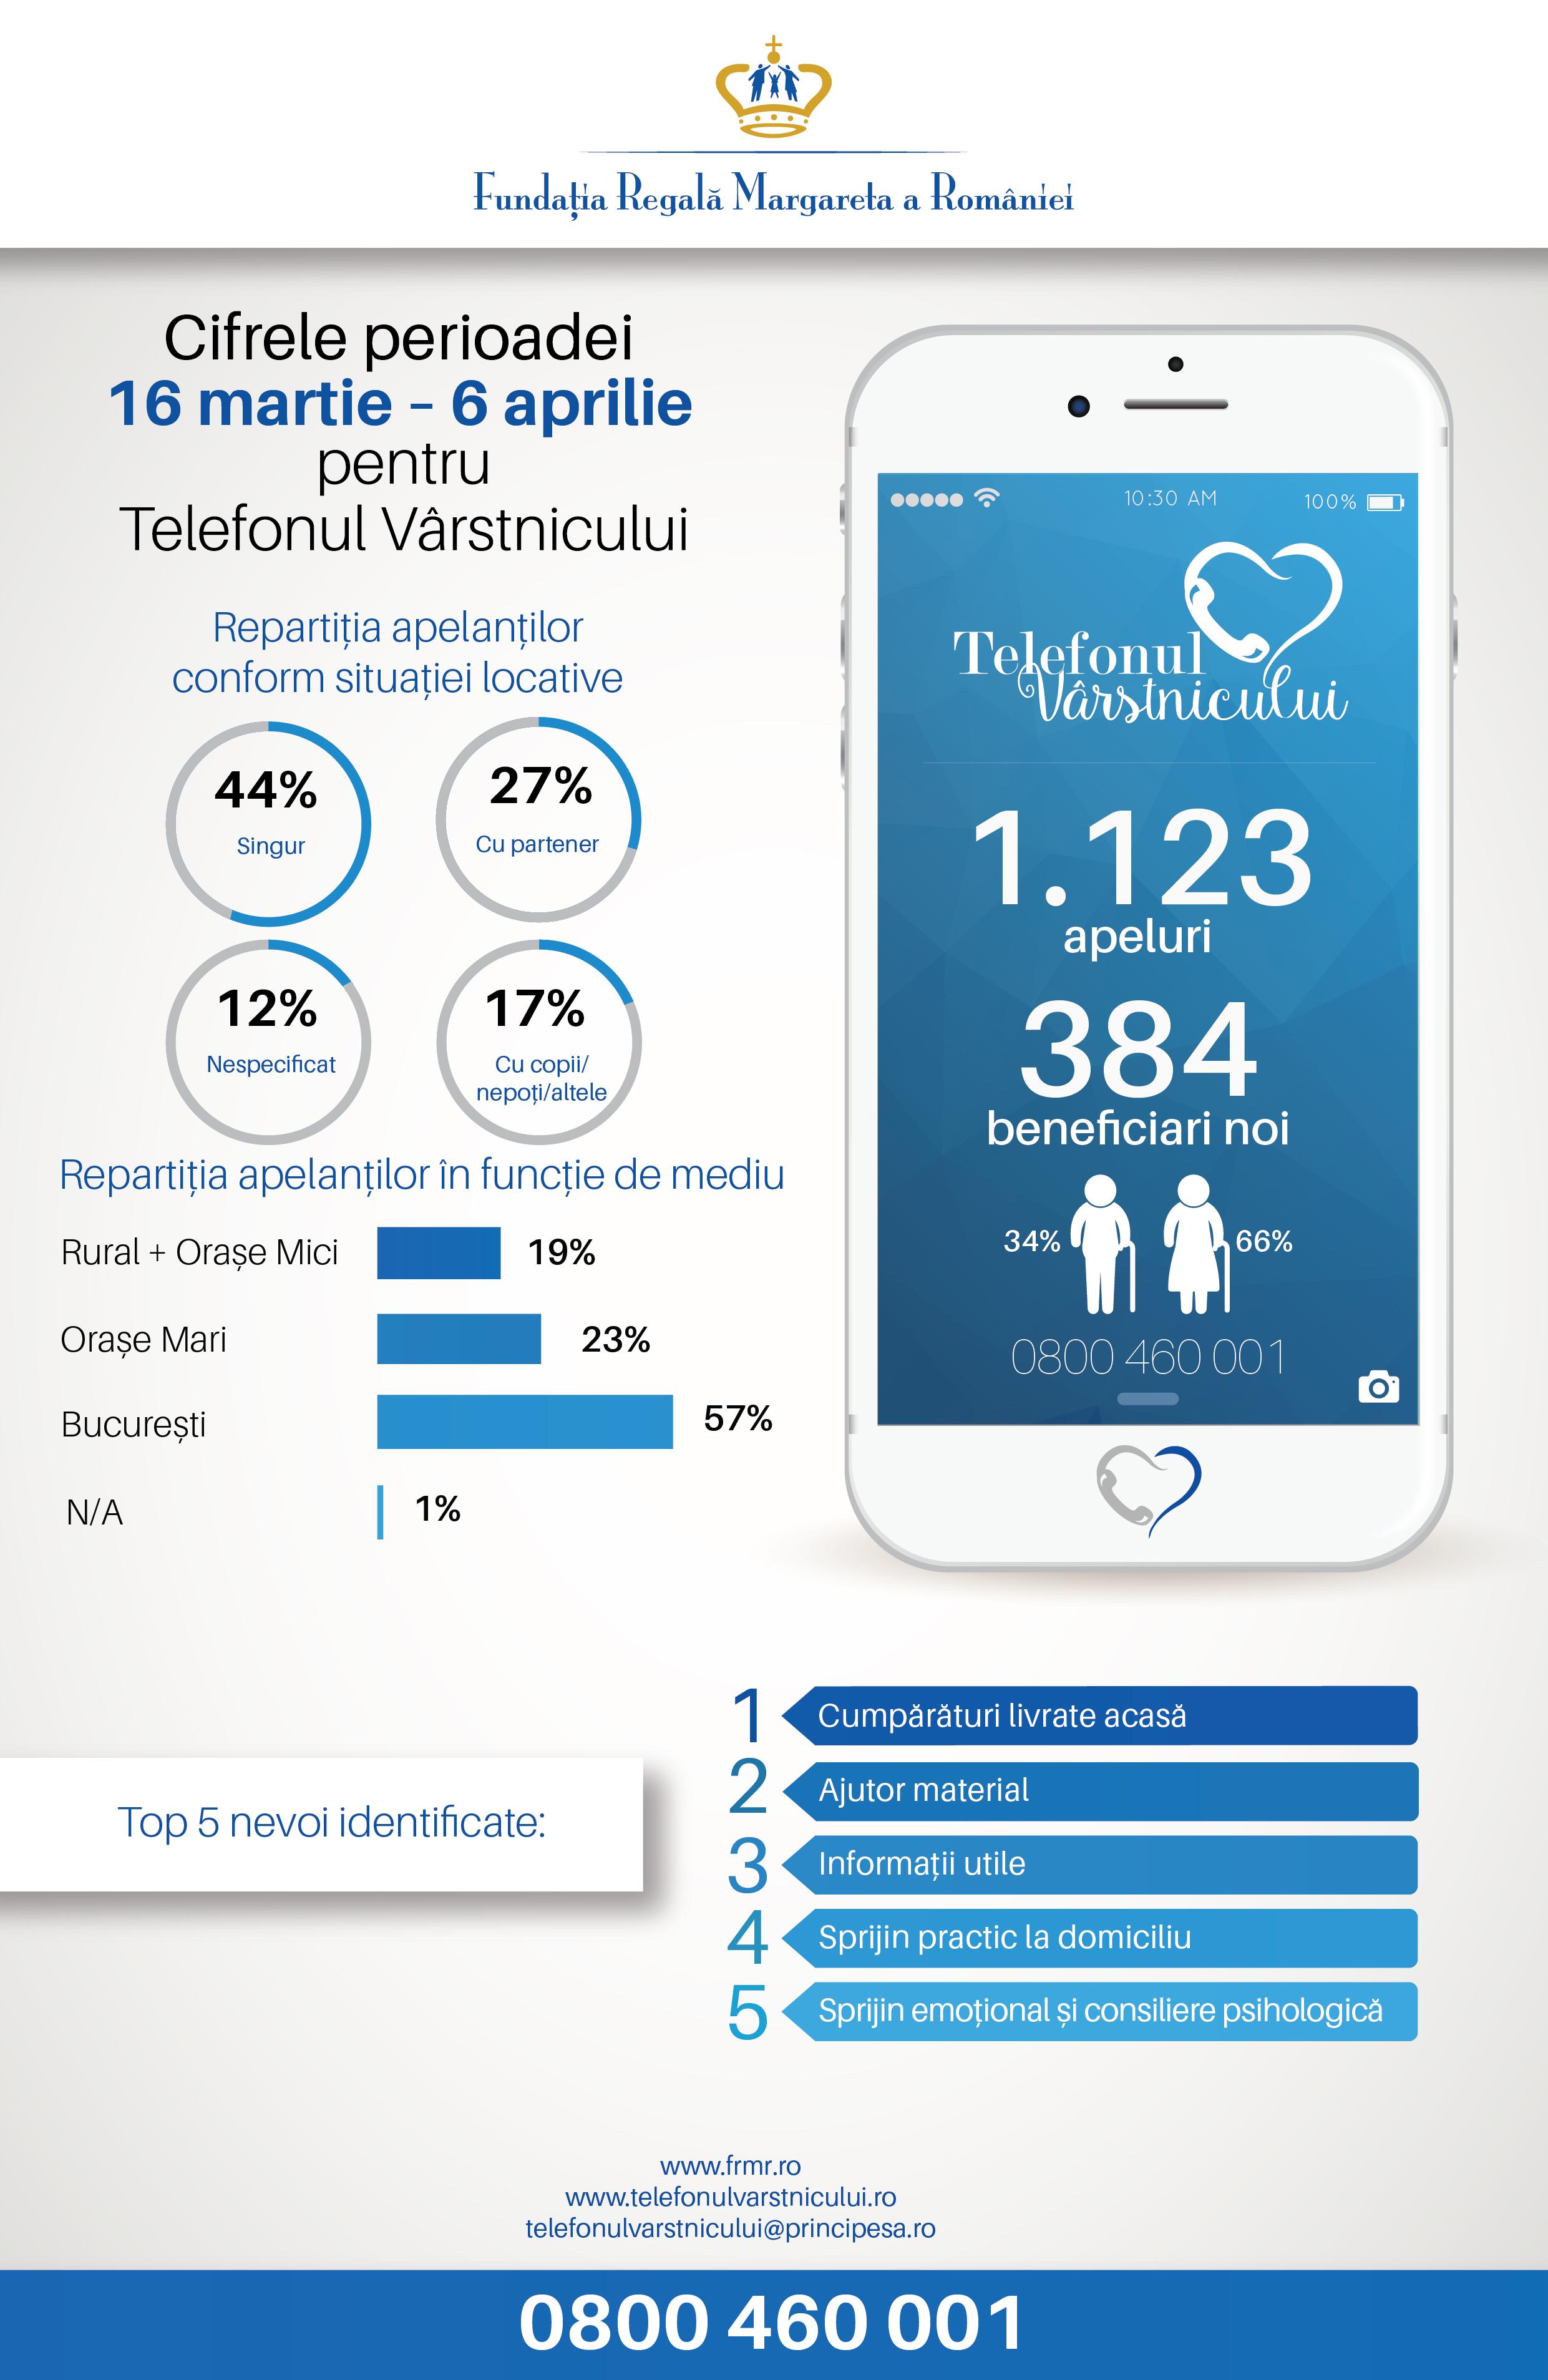 Telefonul Vârstnicului răspunde unui număr record de solicitări în perioada pandemiei